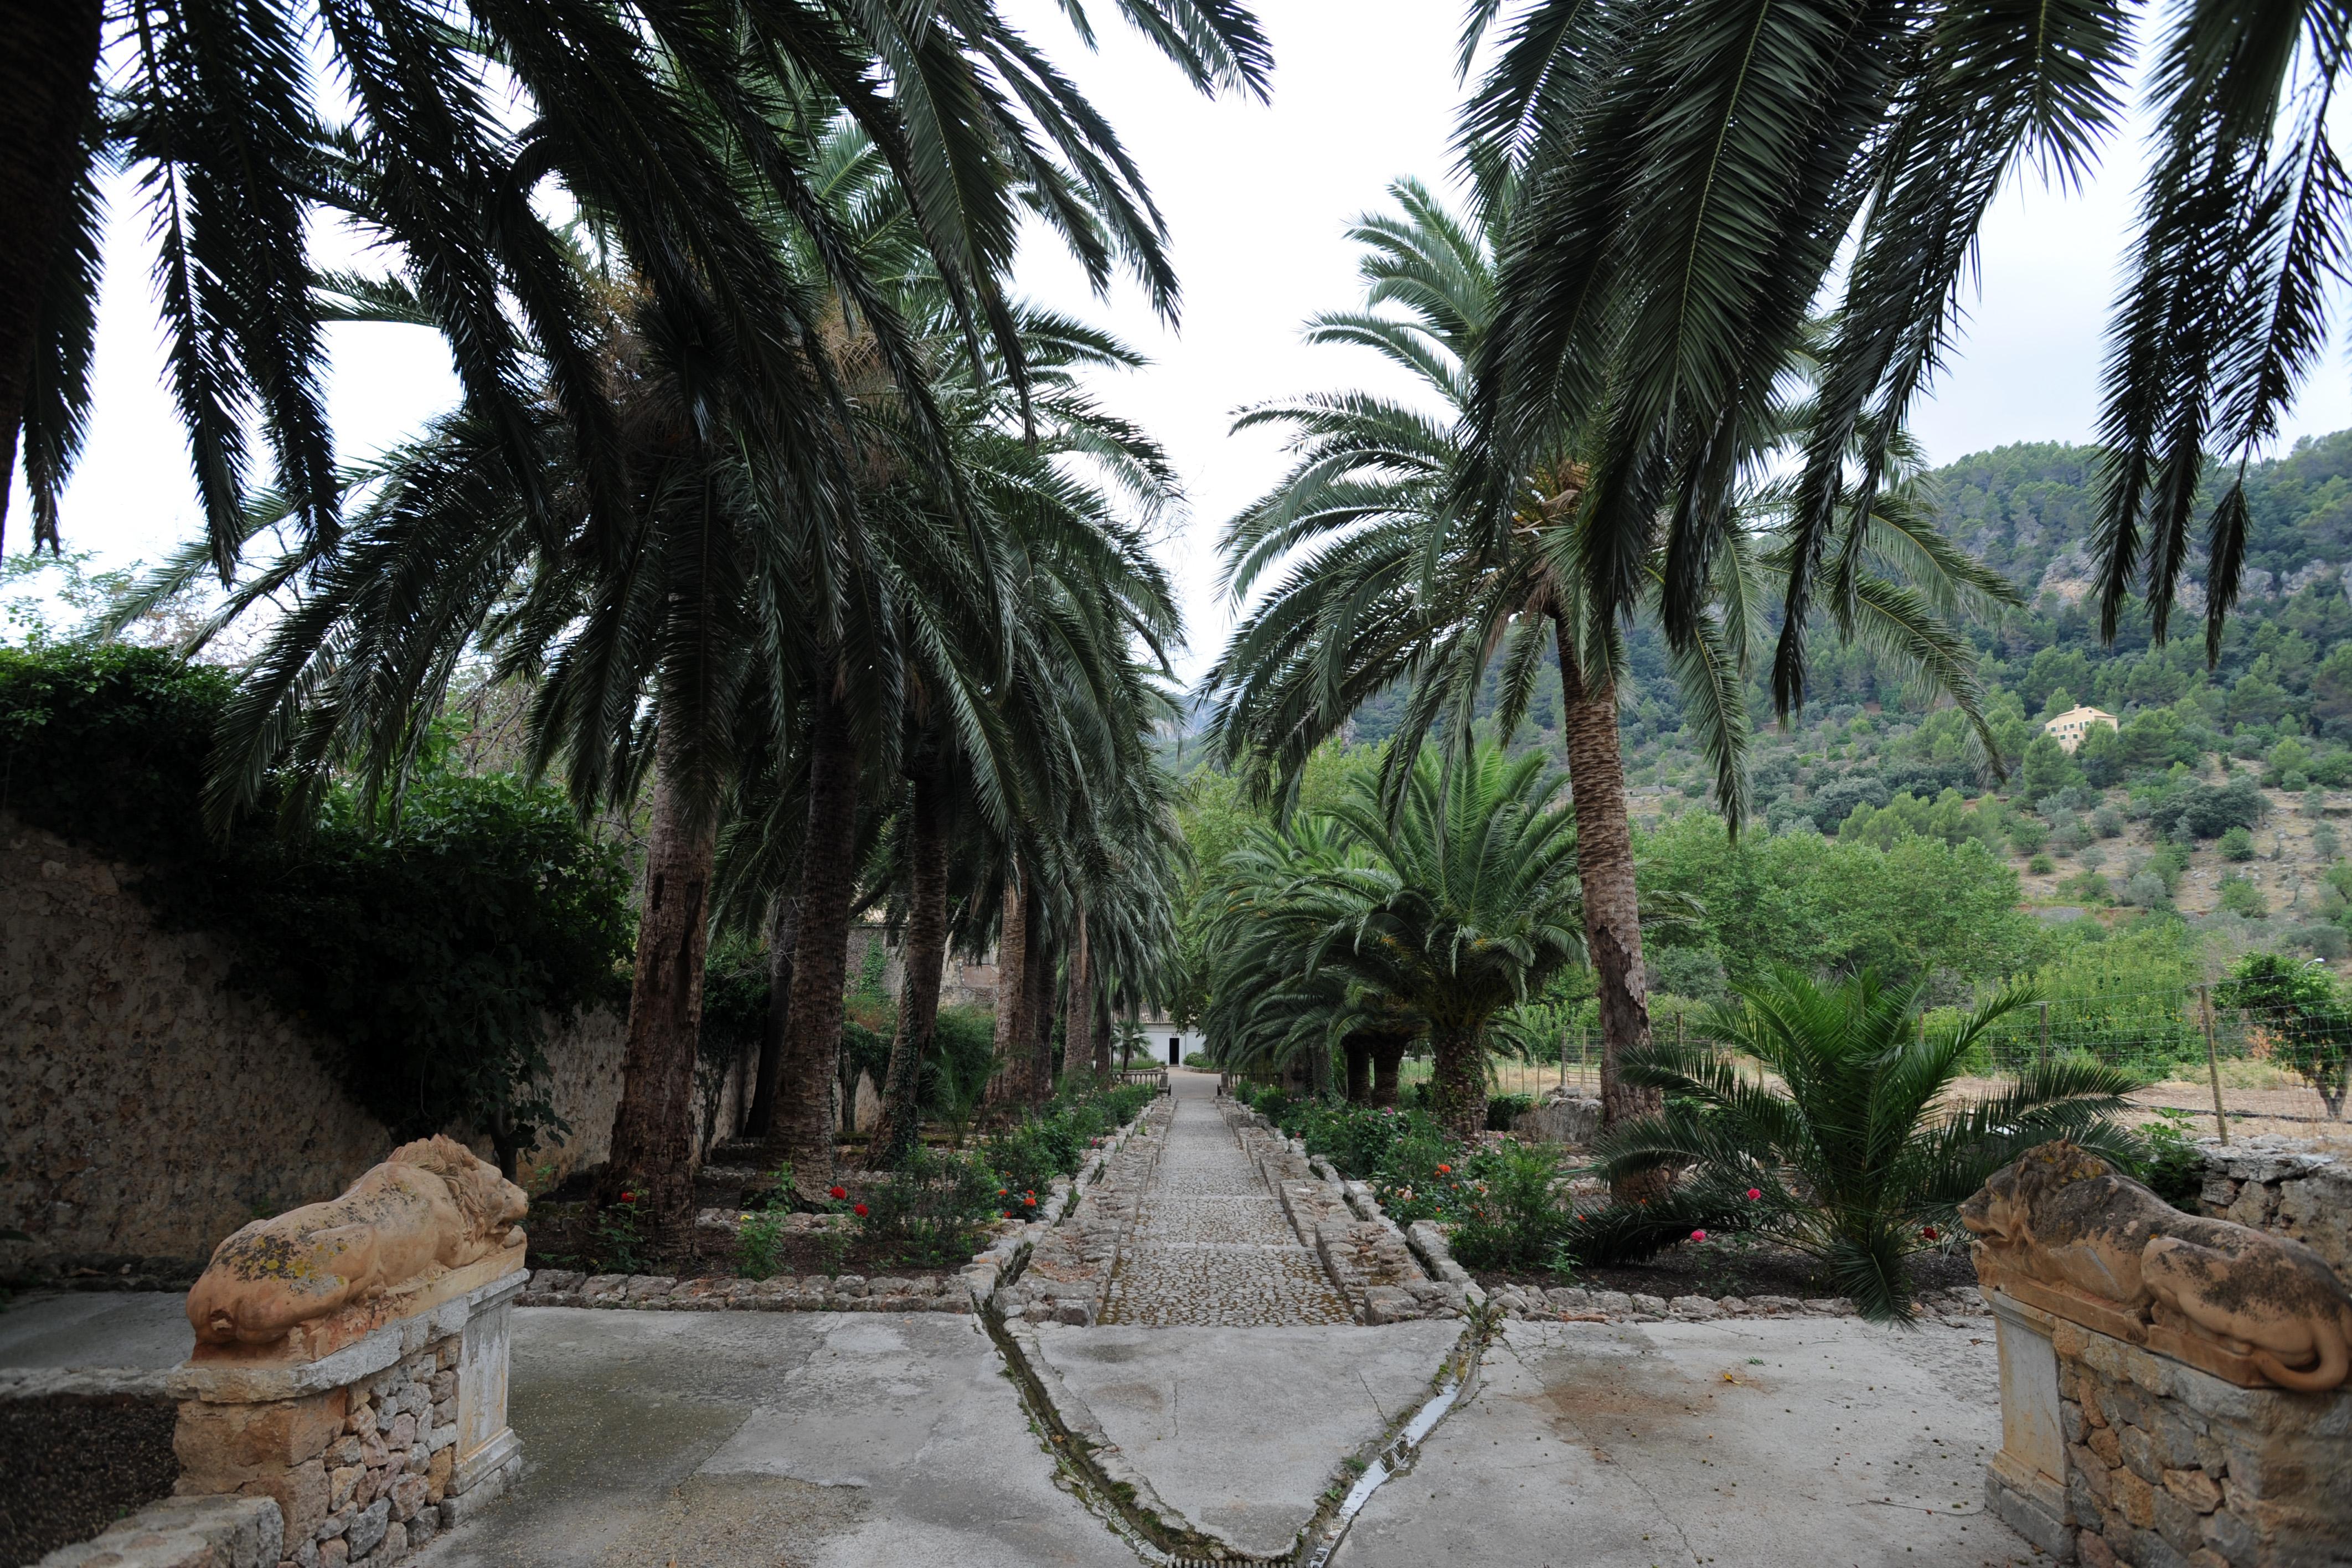 La ciudad de bunyola en mallorca jardines de alf bia for Jardines mallorca